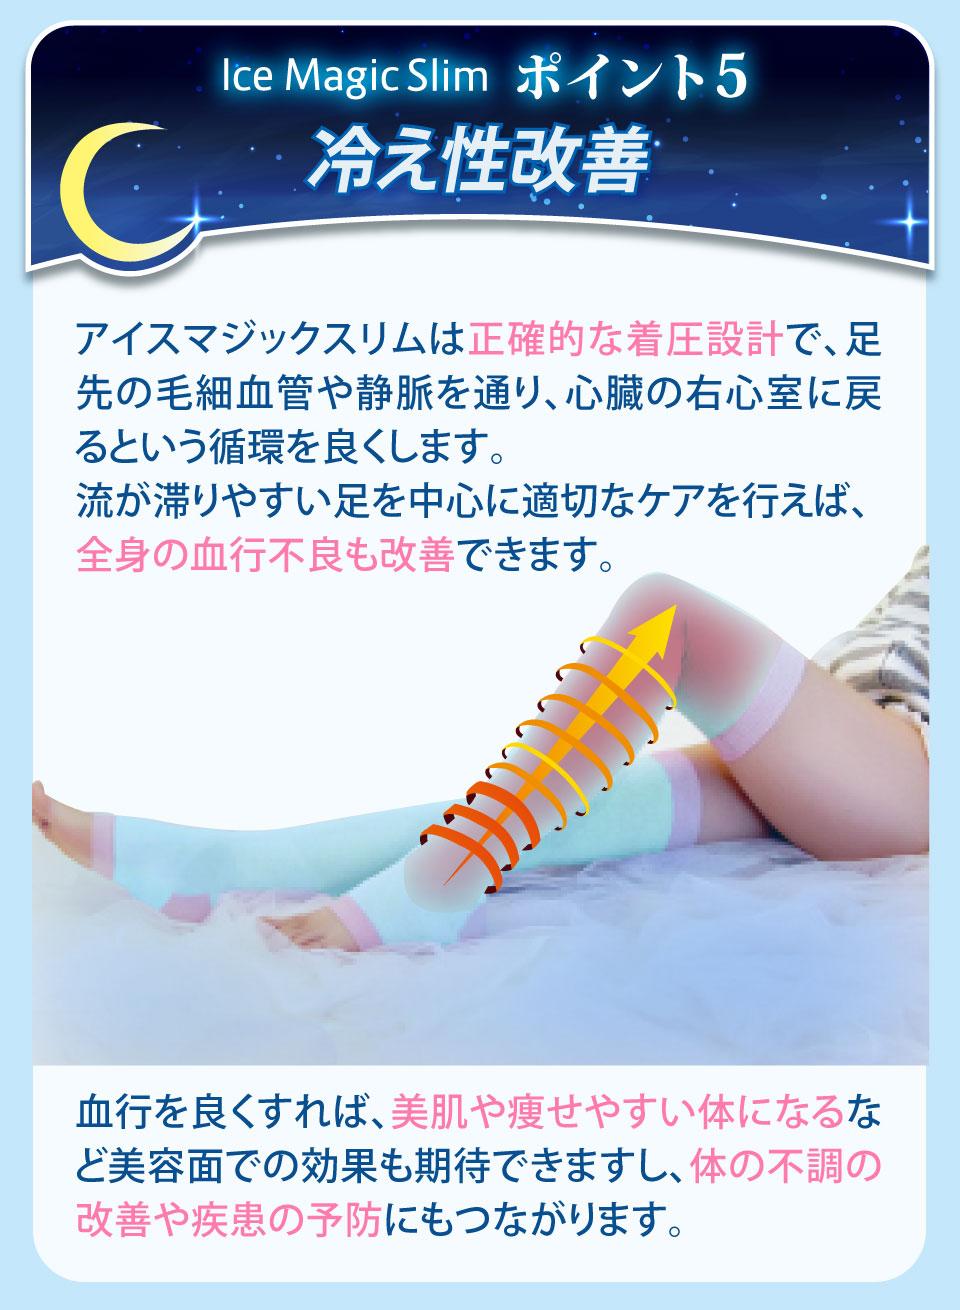 履くだけで血行不良改善効果・冷え性改善効果